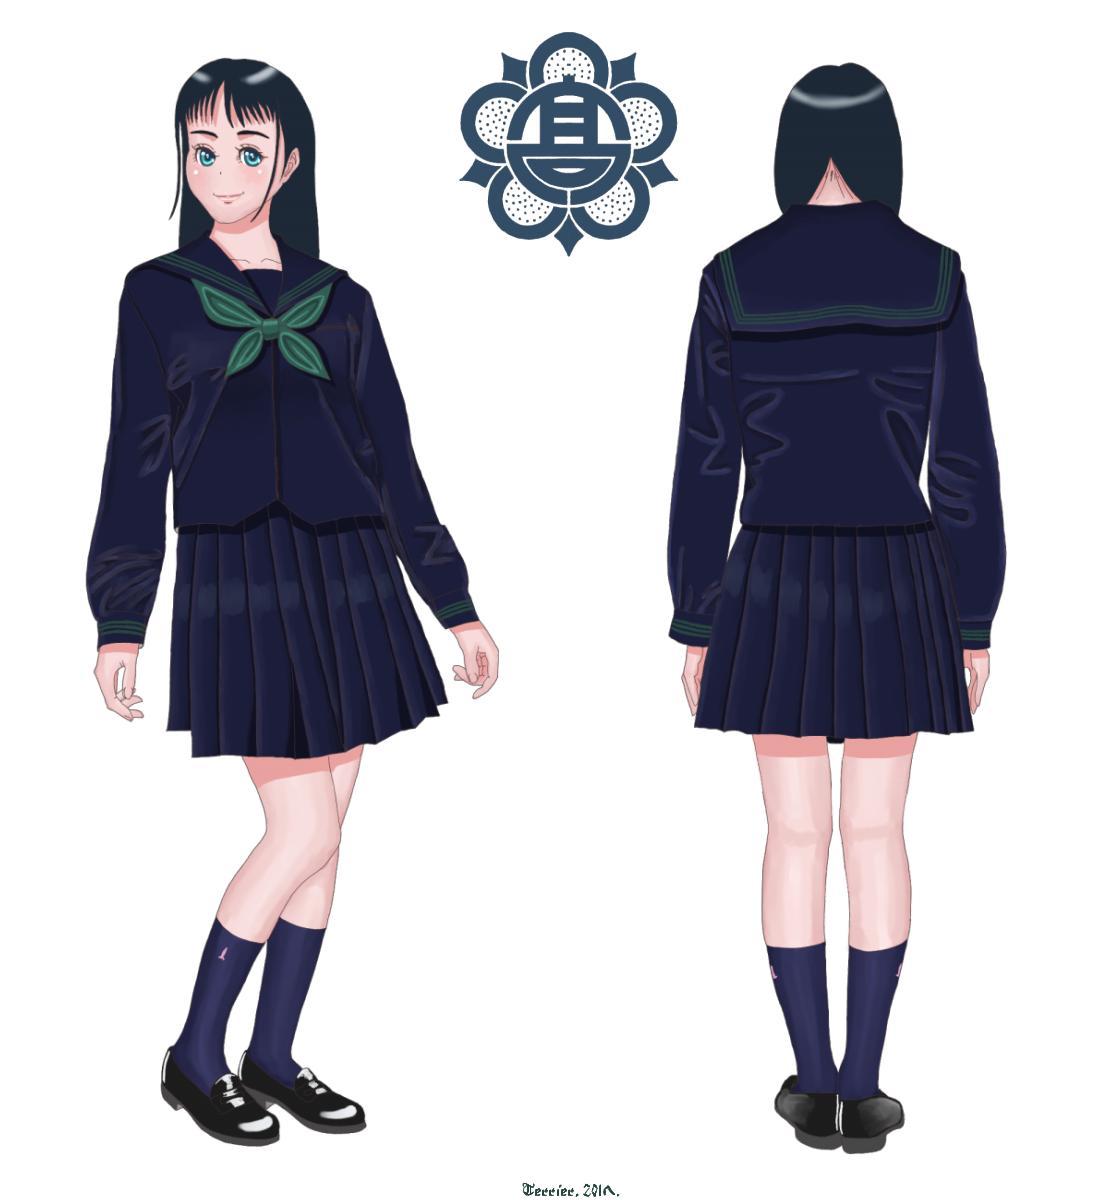 金沢 大学 附属 中学校